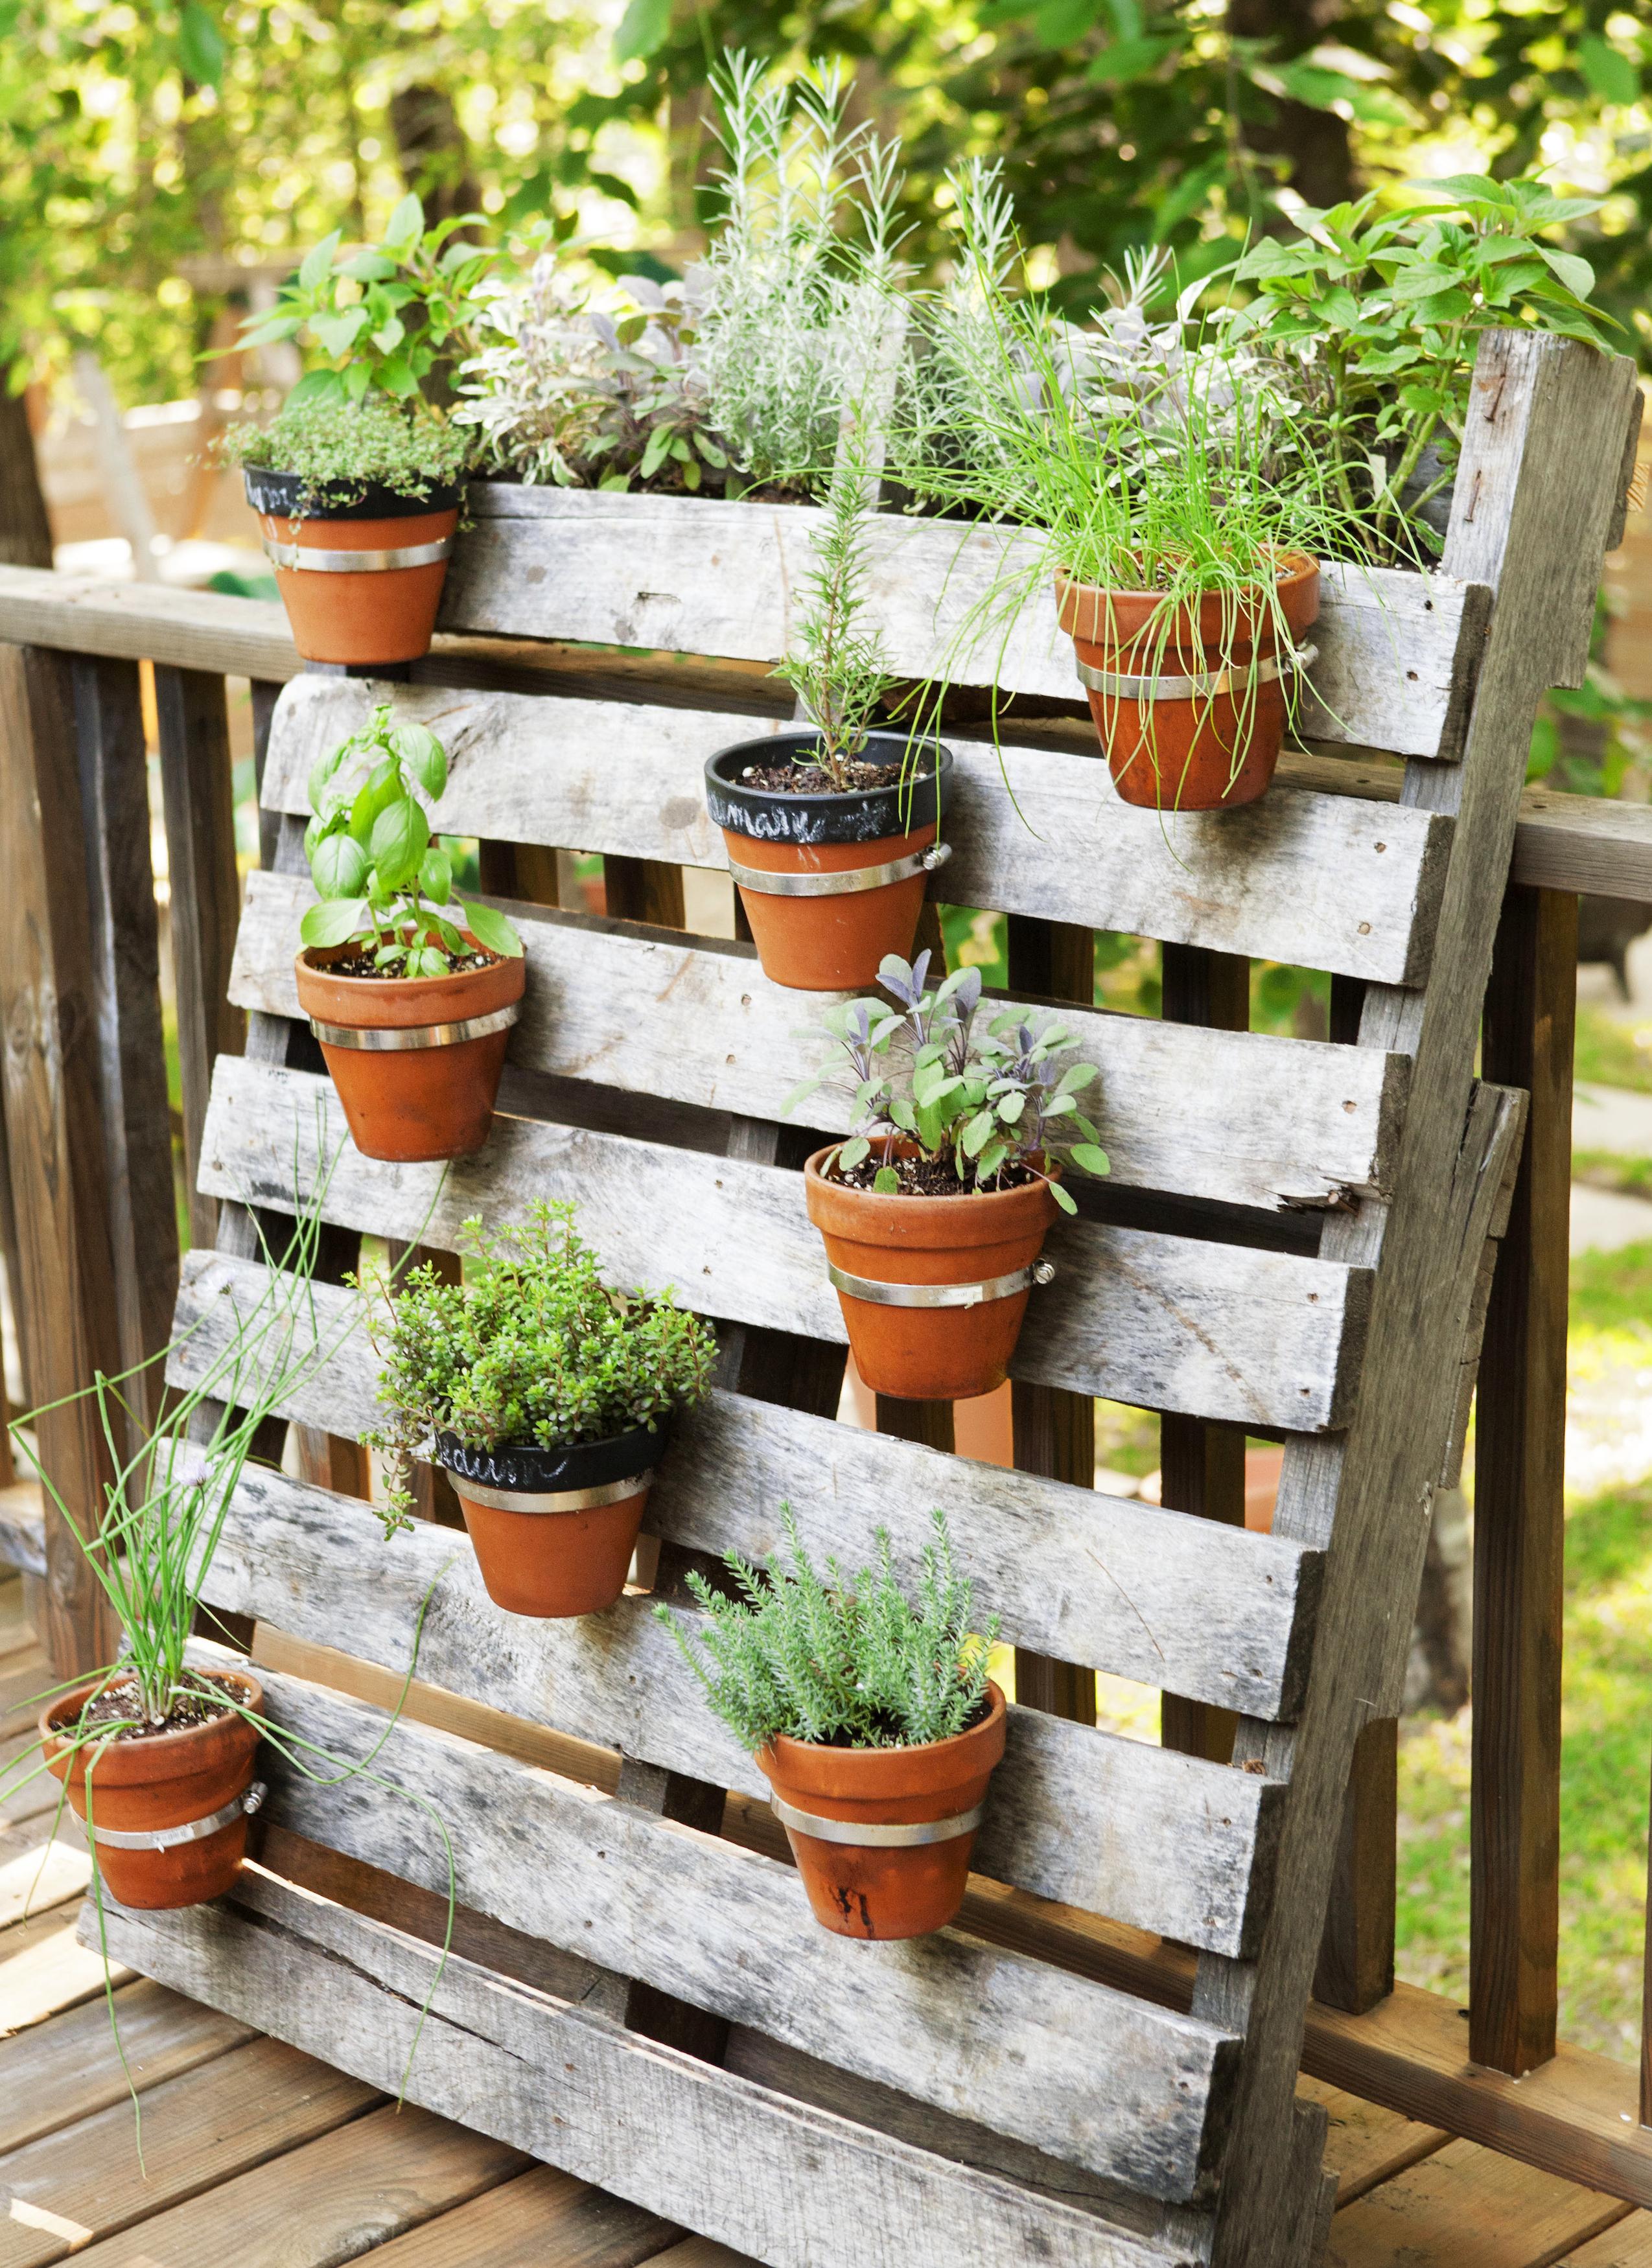 40 small garden ideas - small garden designs GHDNAOY